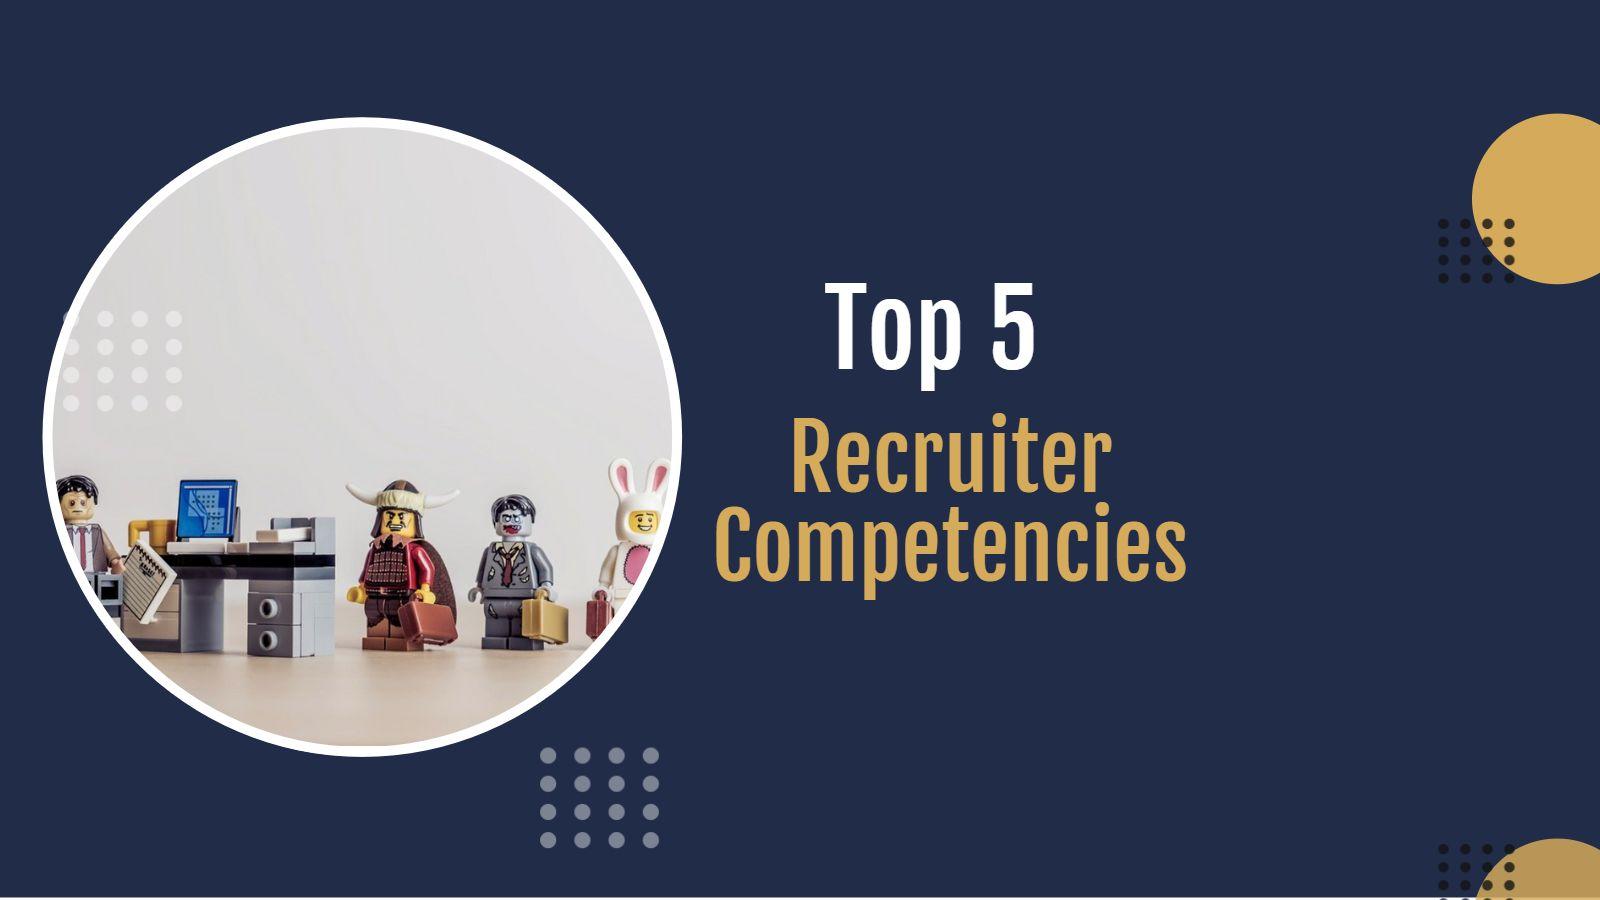 Top 5 Recruiter Competencies